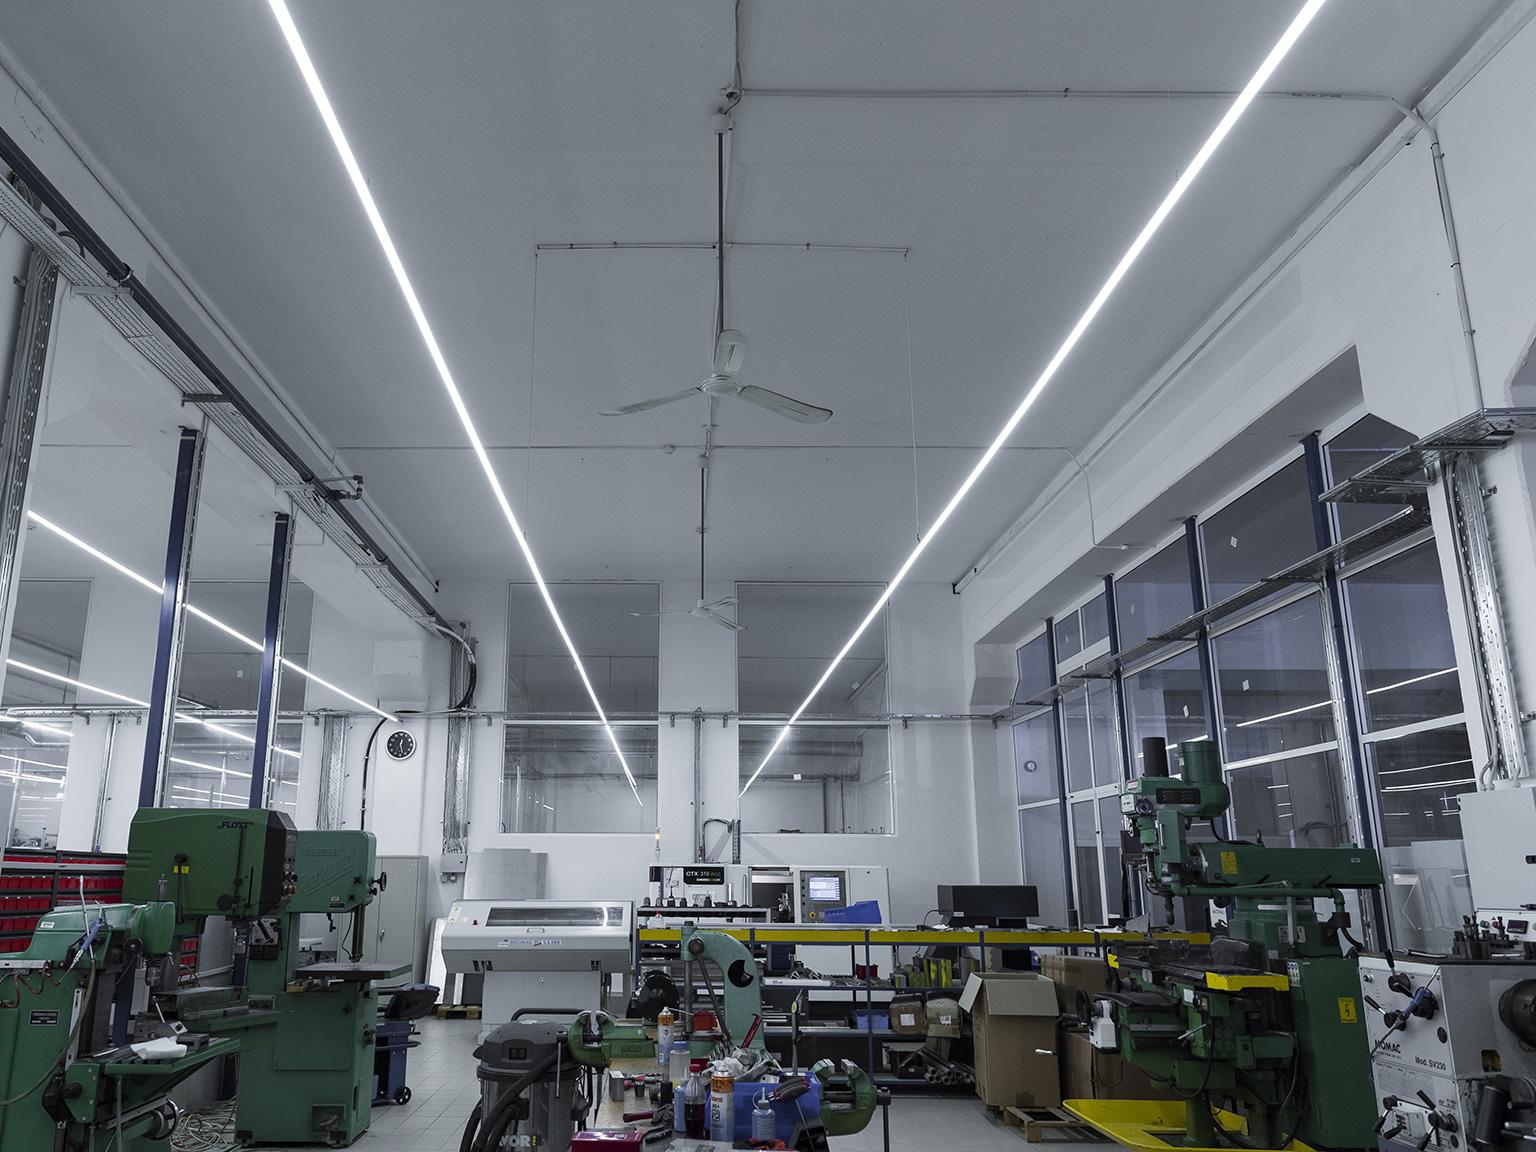 beschnitt_industrial-altern-2016-37